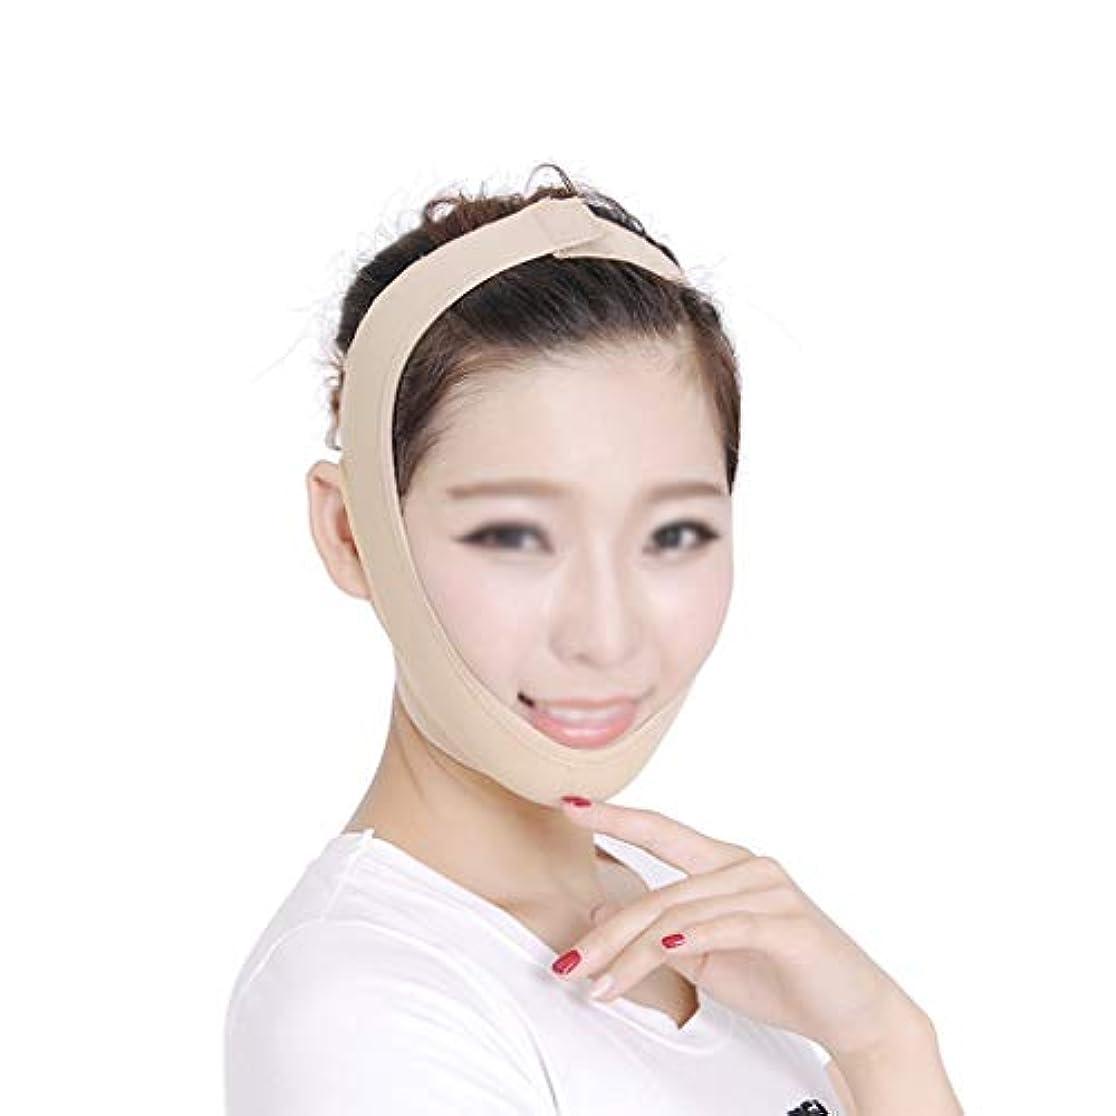 セグメント悲しいことに泥だらけLJK 減量の包帯、顔の持ち上がる包帯、二重あごを減らすために持ち上がるベルトを取除く顔の減量のマスクの持ち上がる表面、フェイスマスク、二重あご (Color : Yellow pink, Size : XXL)